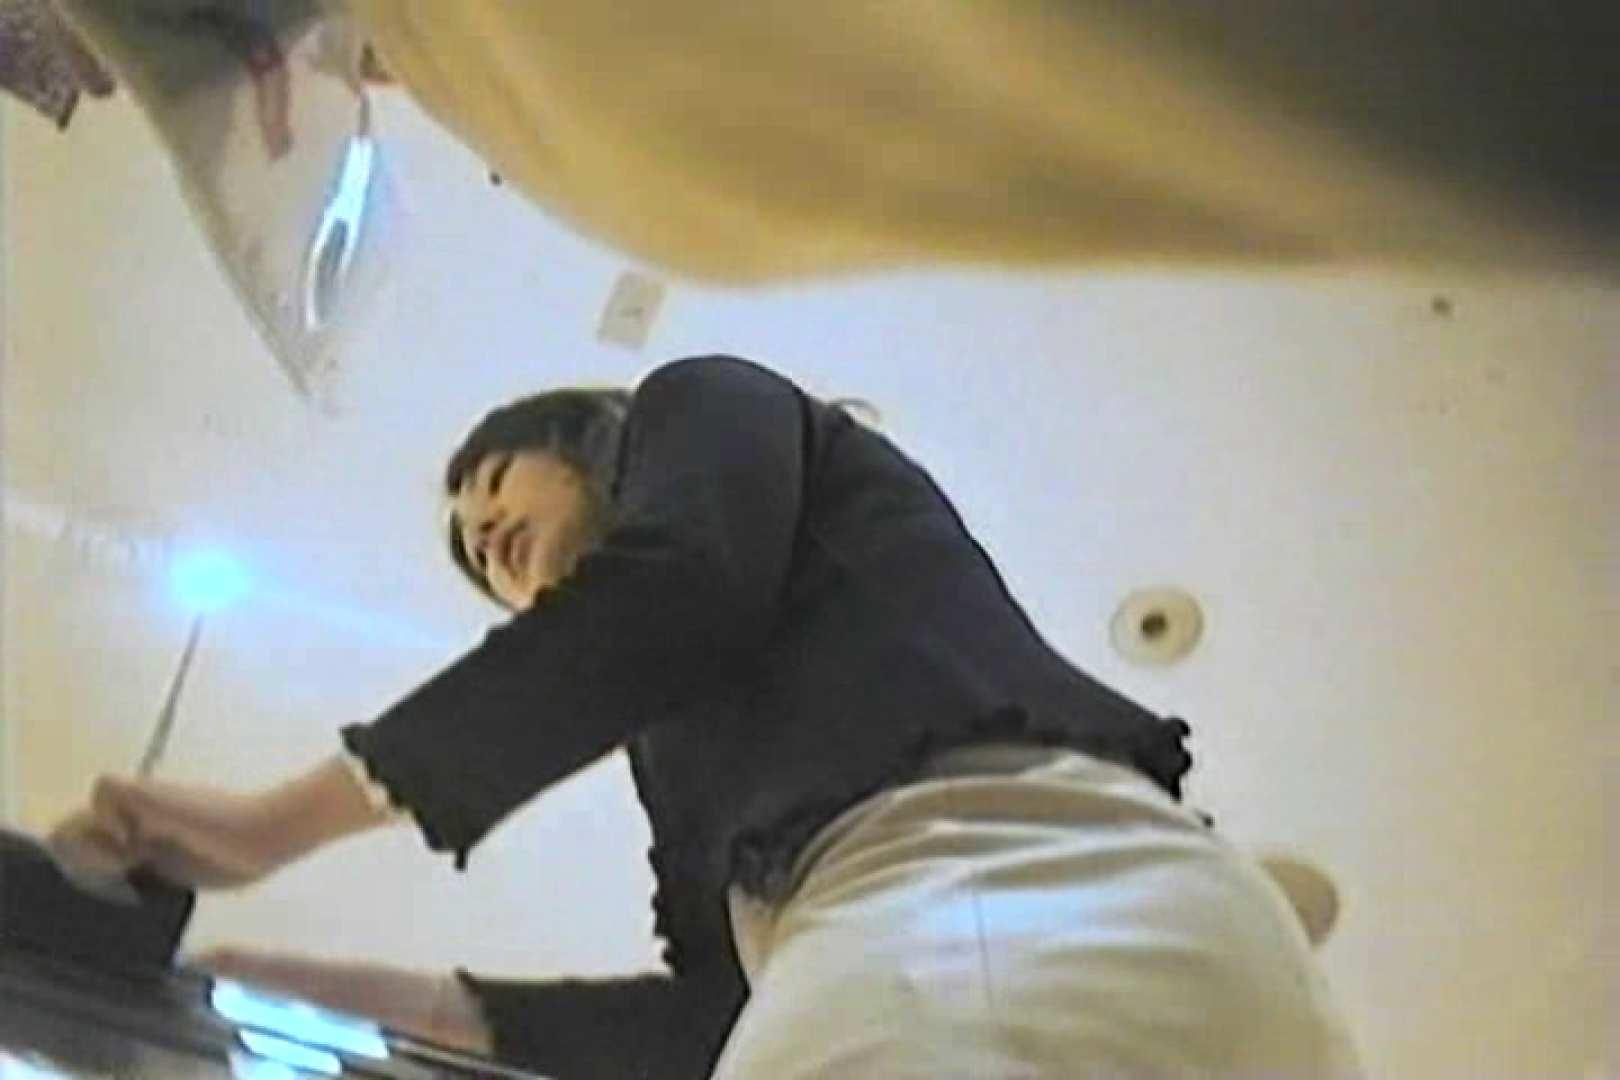 デパートローアングル徘徊 靴カメ盗撮Vol.2 魅力 おめこ無修正動画無料 110pic 33